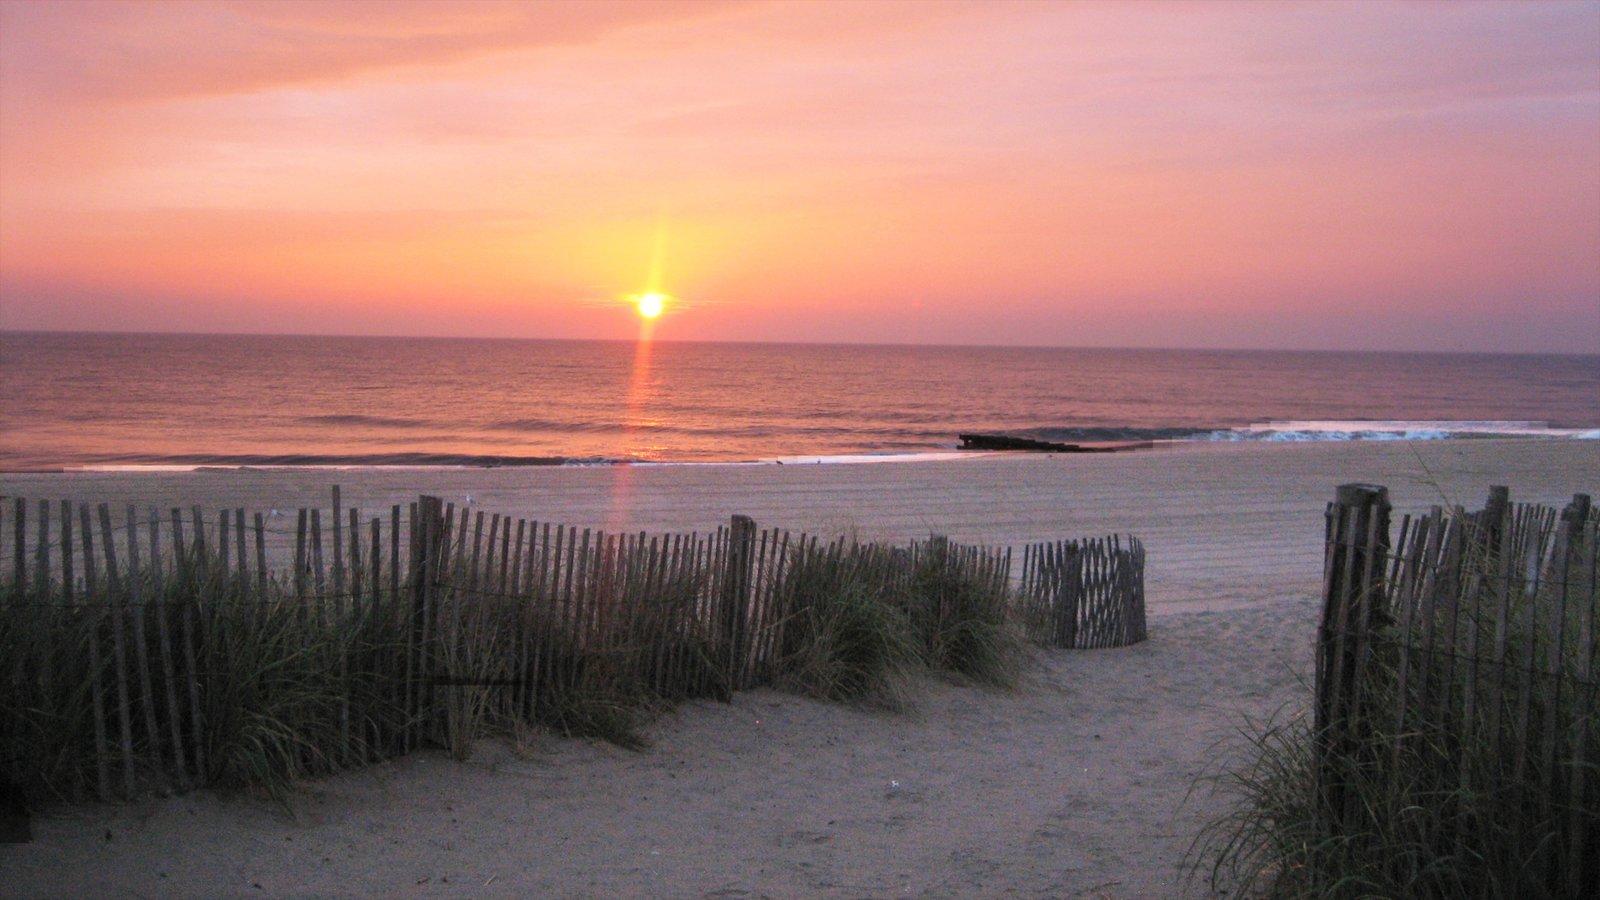 Rehoboth Beach ofreciendo una puesta de sol, una playa de arena y vistas generales de la costa